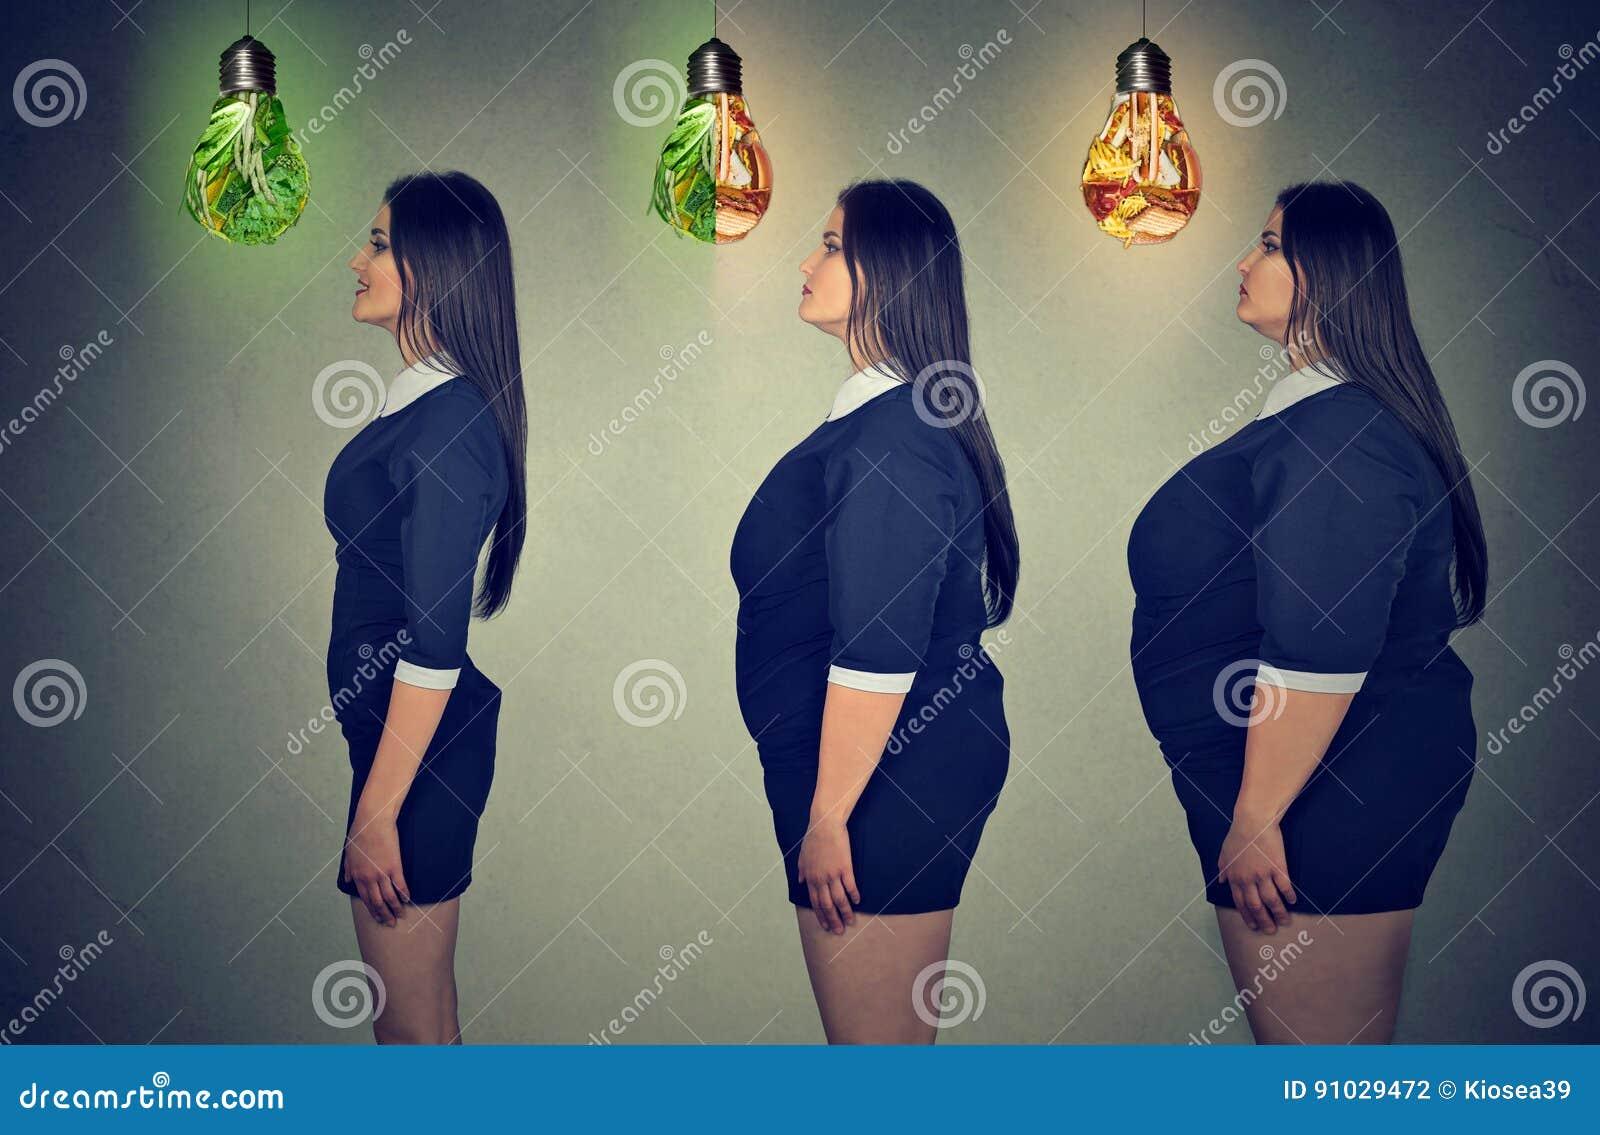 Σώμα γυναικών ` s πριν και μετά από την απώλεια βάρους Έννοια υγειονομικής περίθαλψης και διατροφής